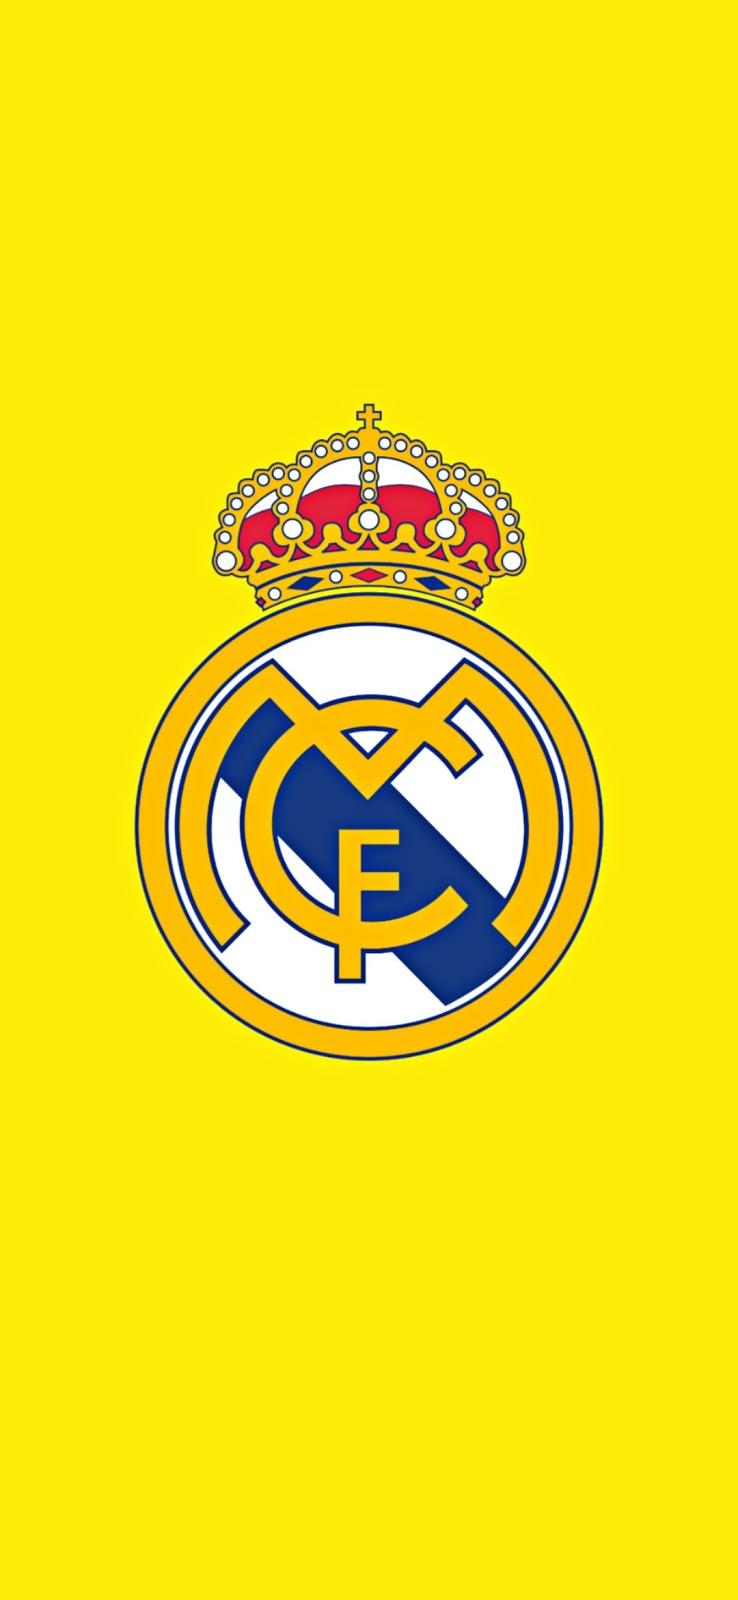 خلفيات الهاتف خلفيات ريال مدريد فيسبوك